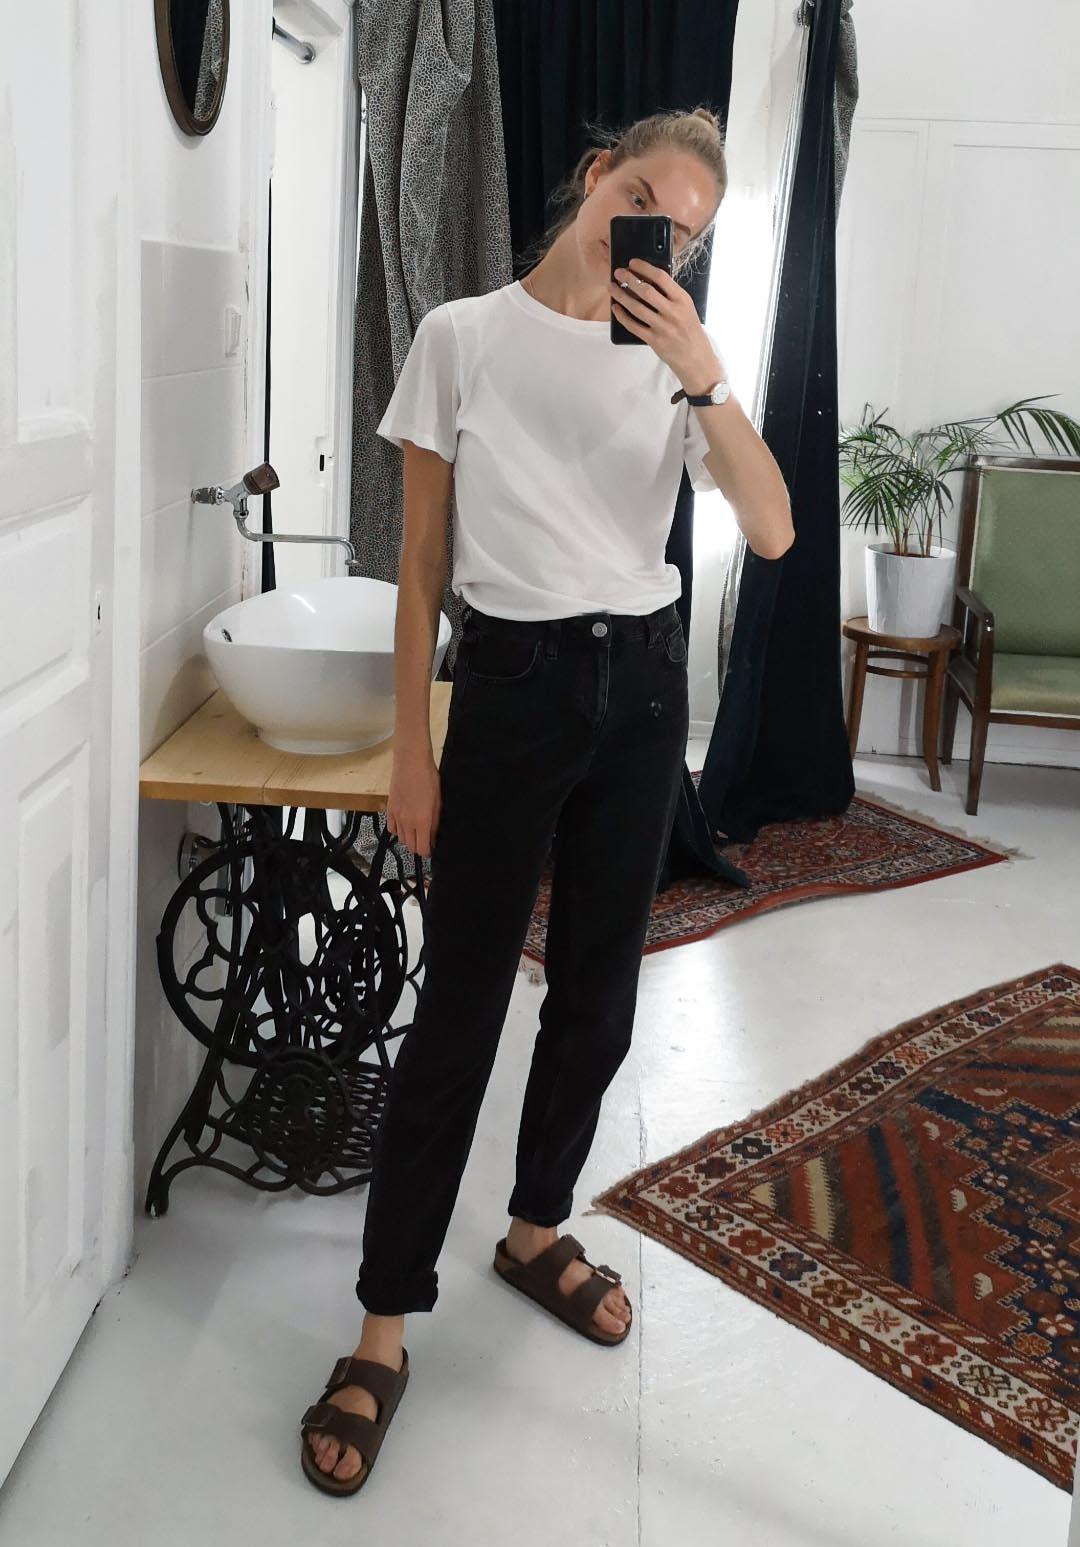 Marias Office Looks im Juli – Vintage Outfit Inspiration mit schwarzen Mom Jeans und weißem T-Shirt